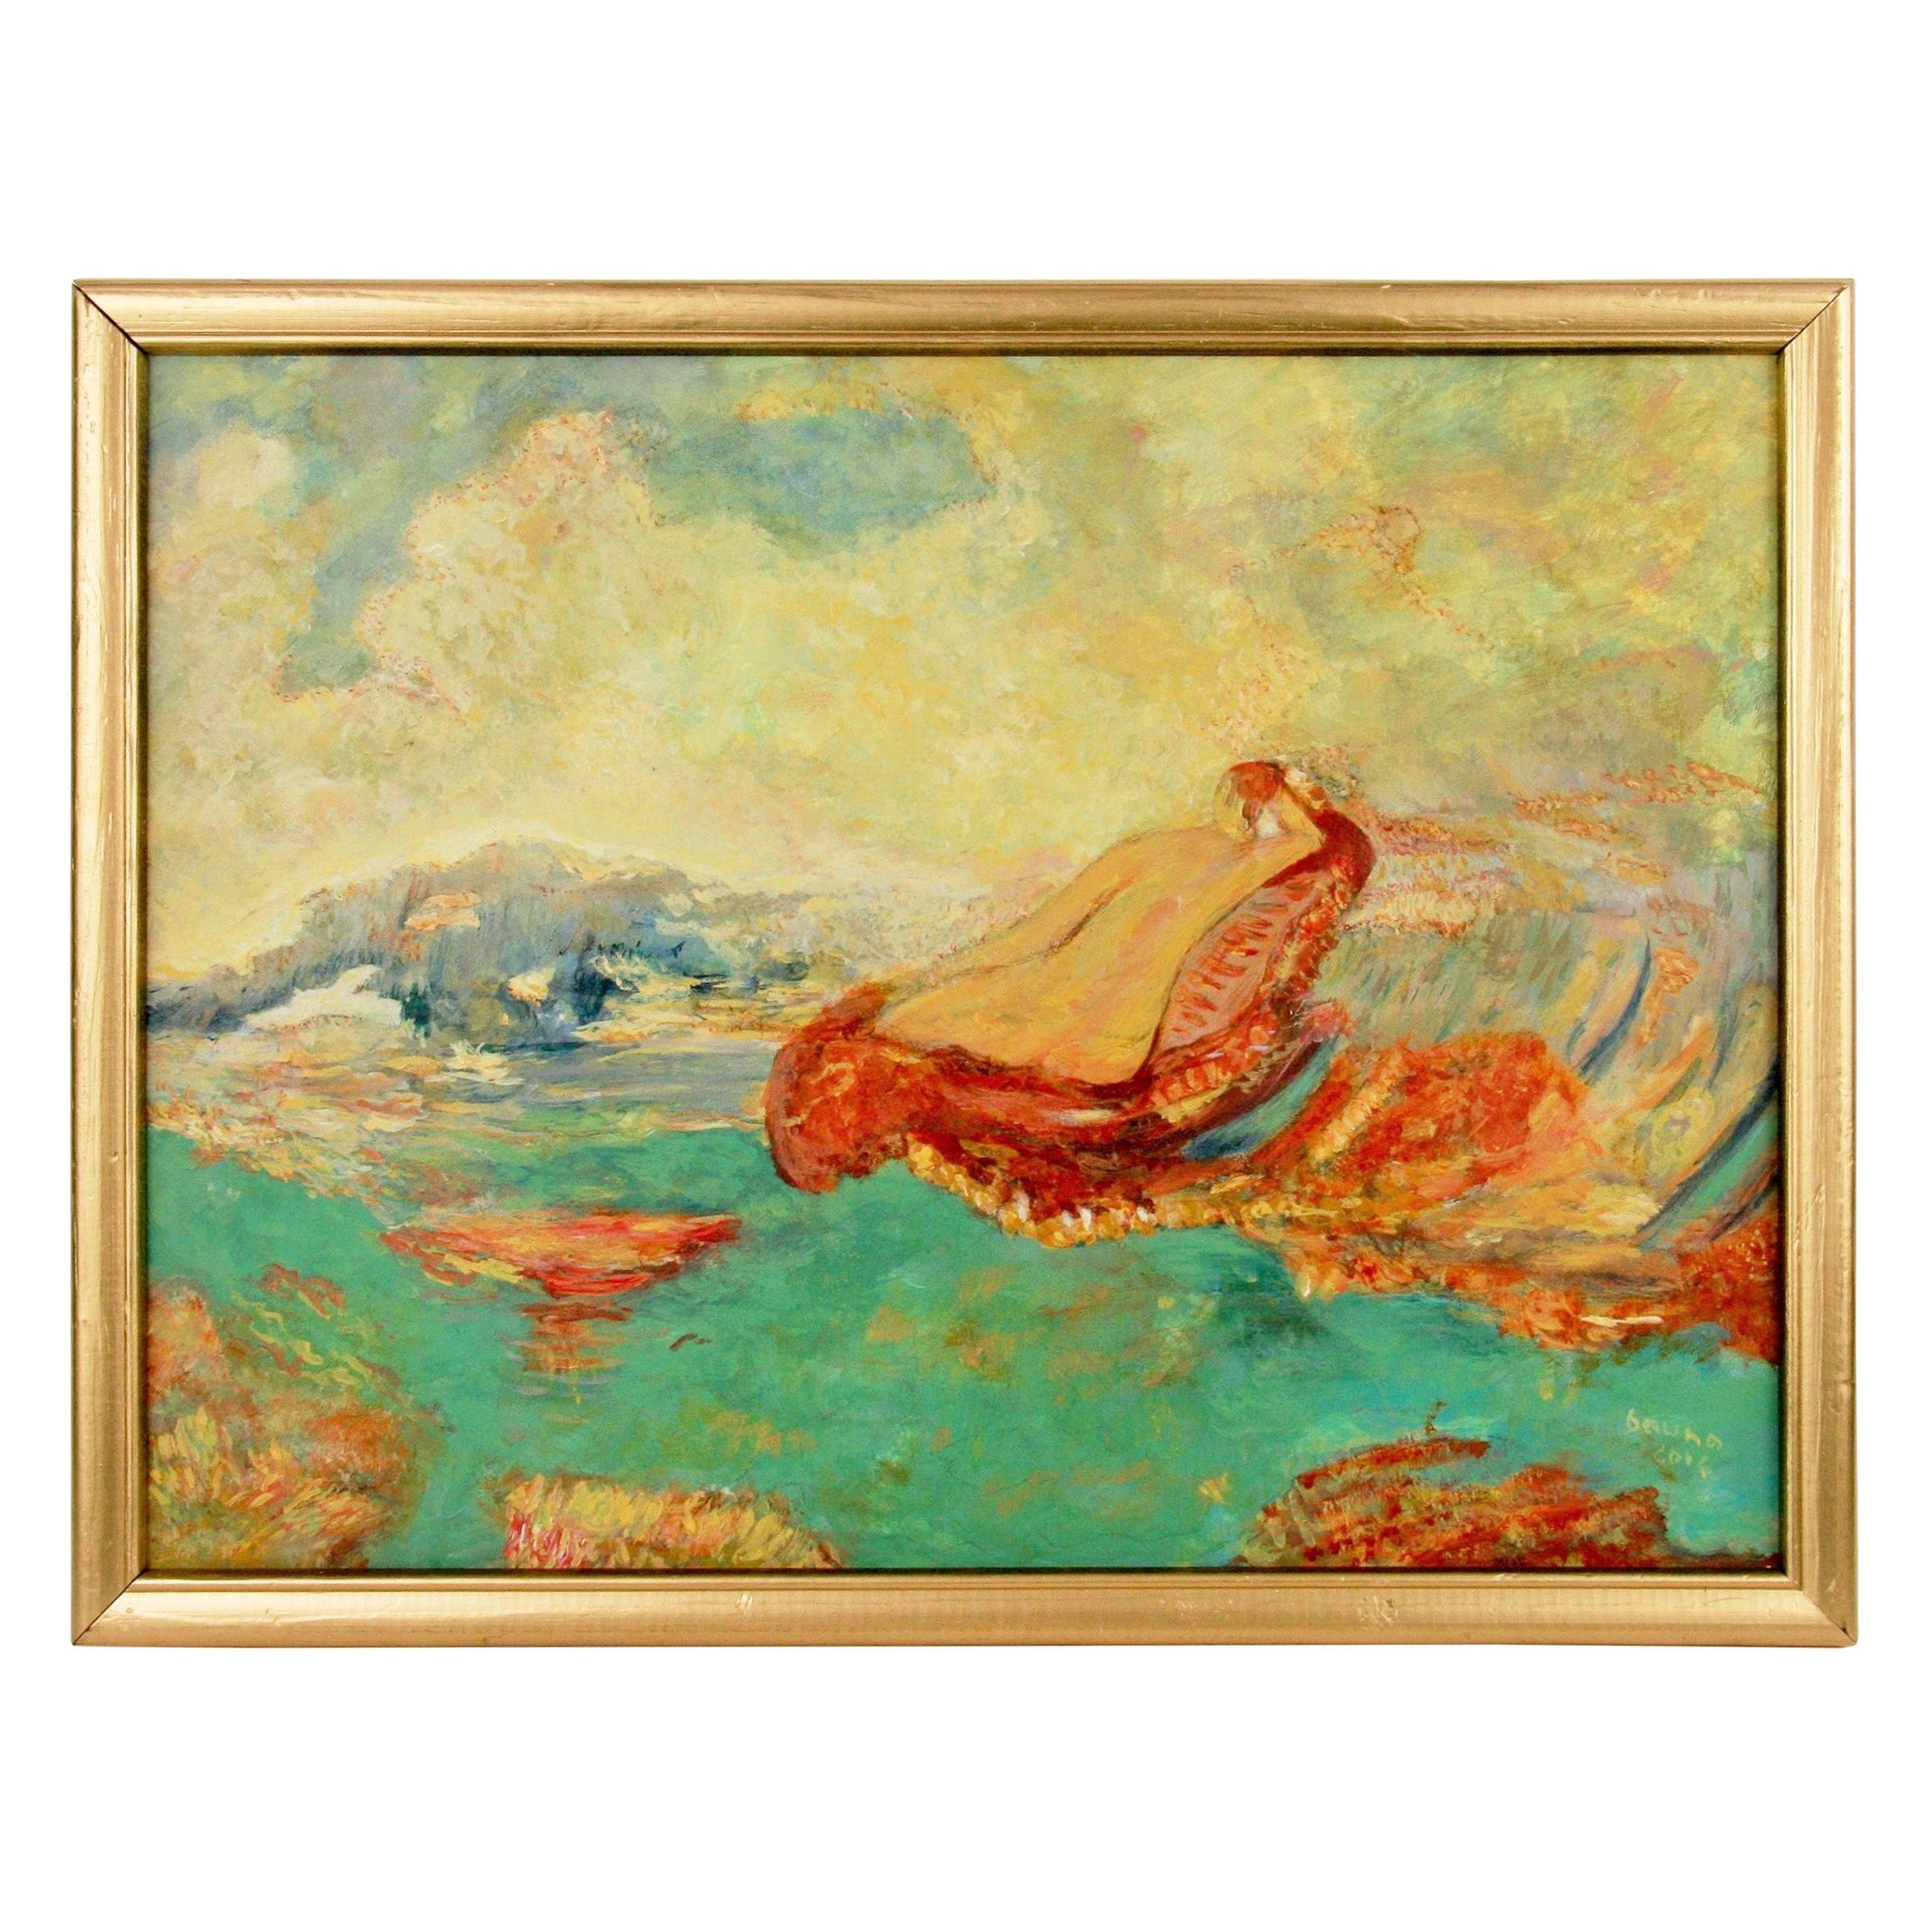 Venus Surreal Painting